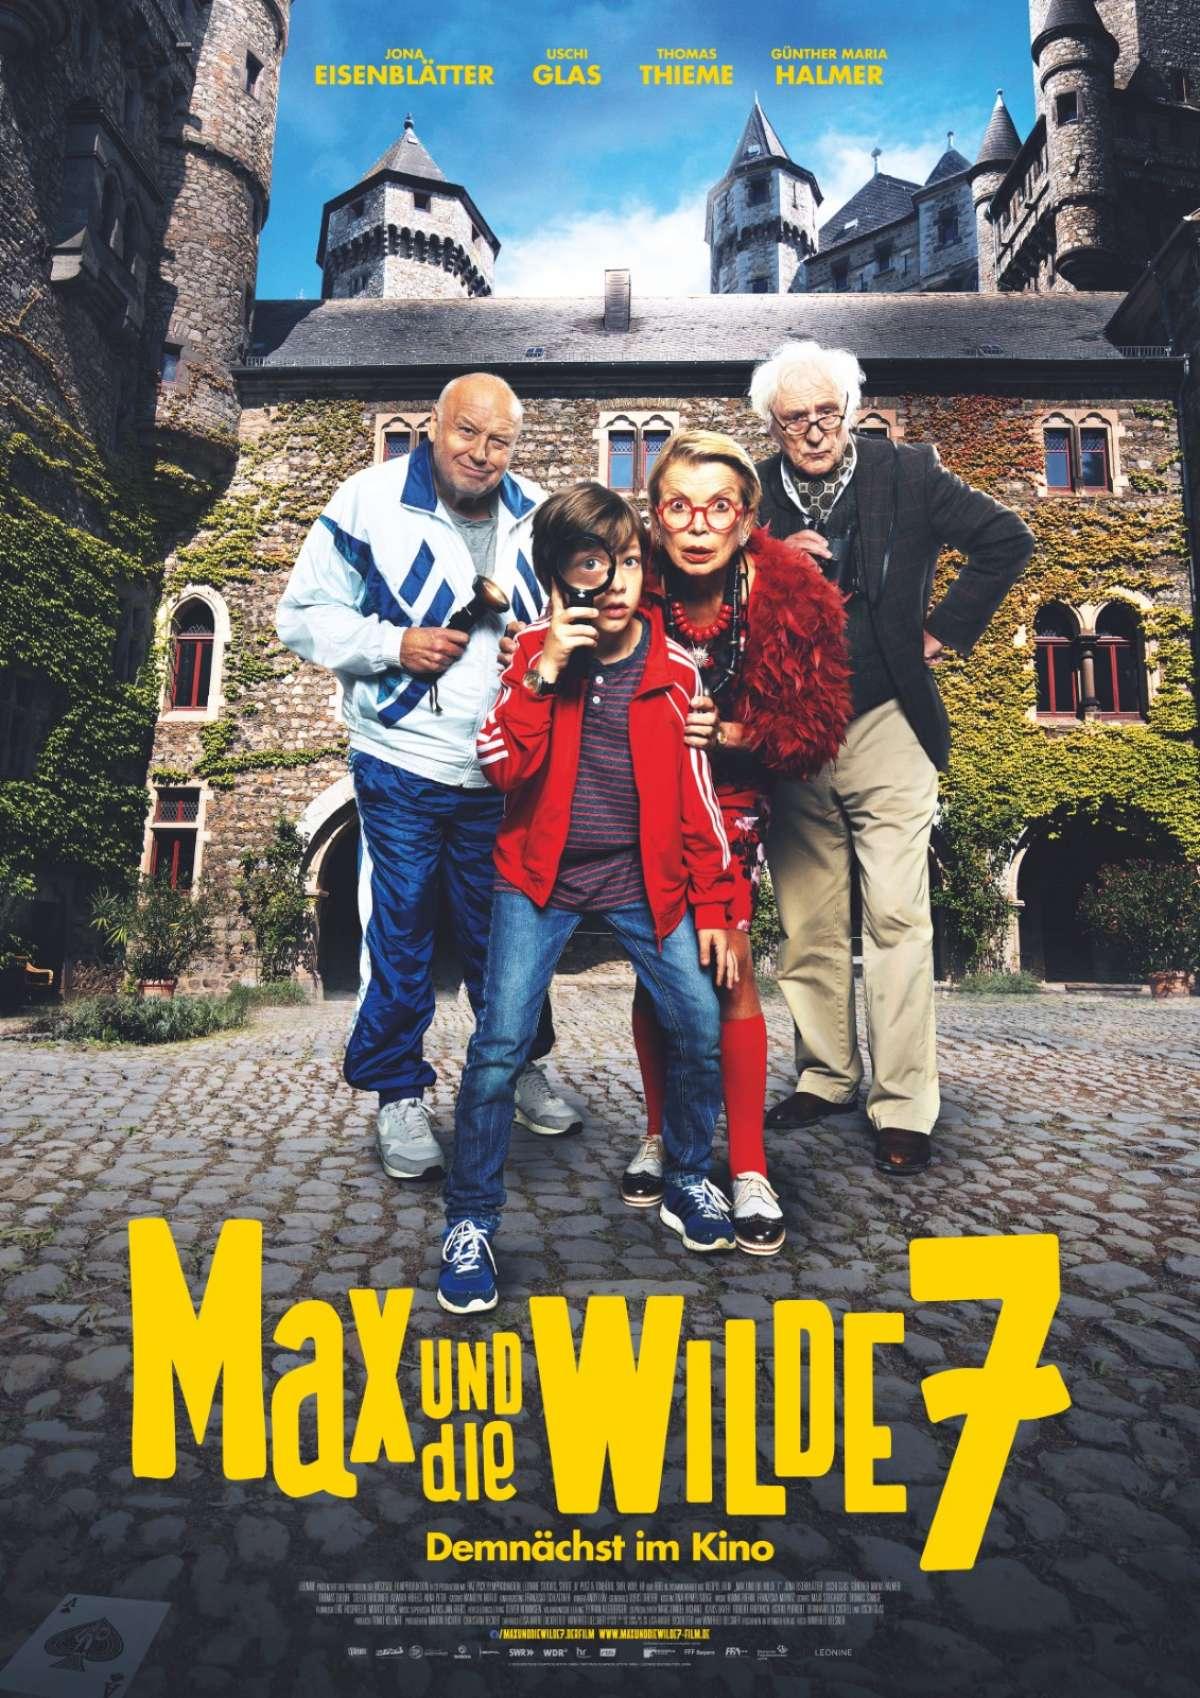 Max und die Wilde 7 - Kino  - Wolfhagen